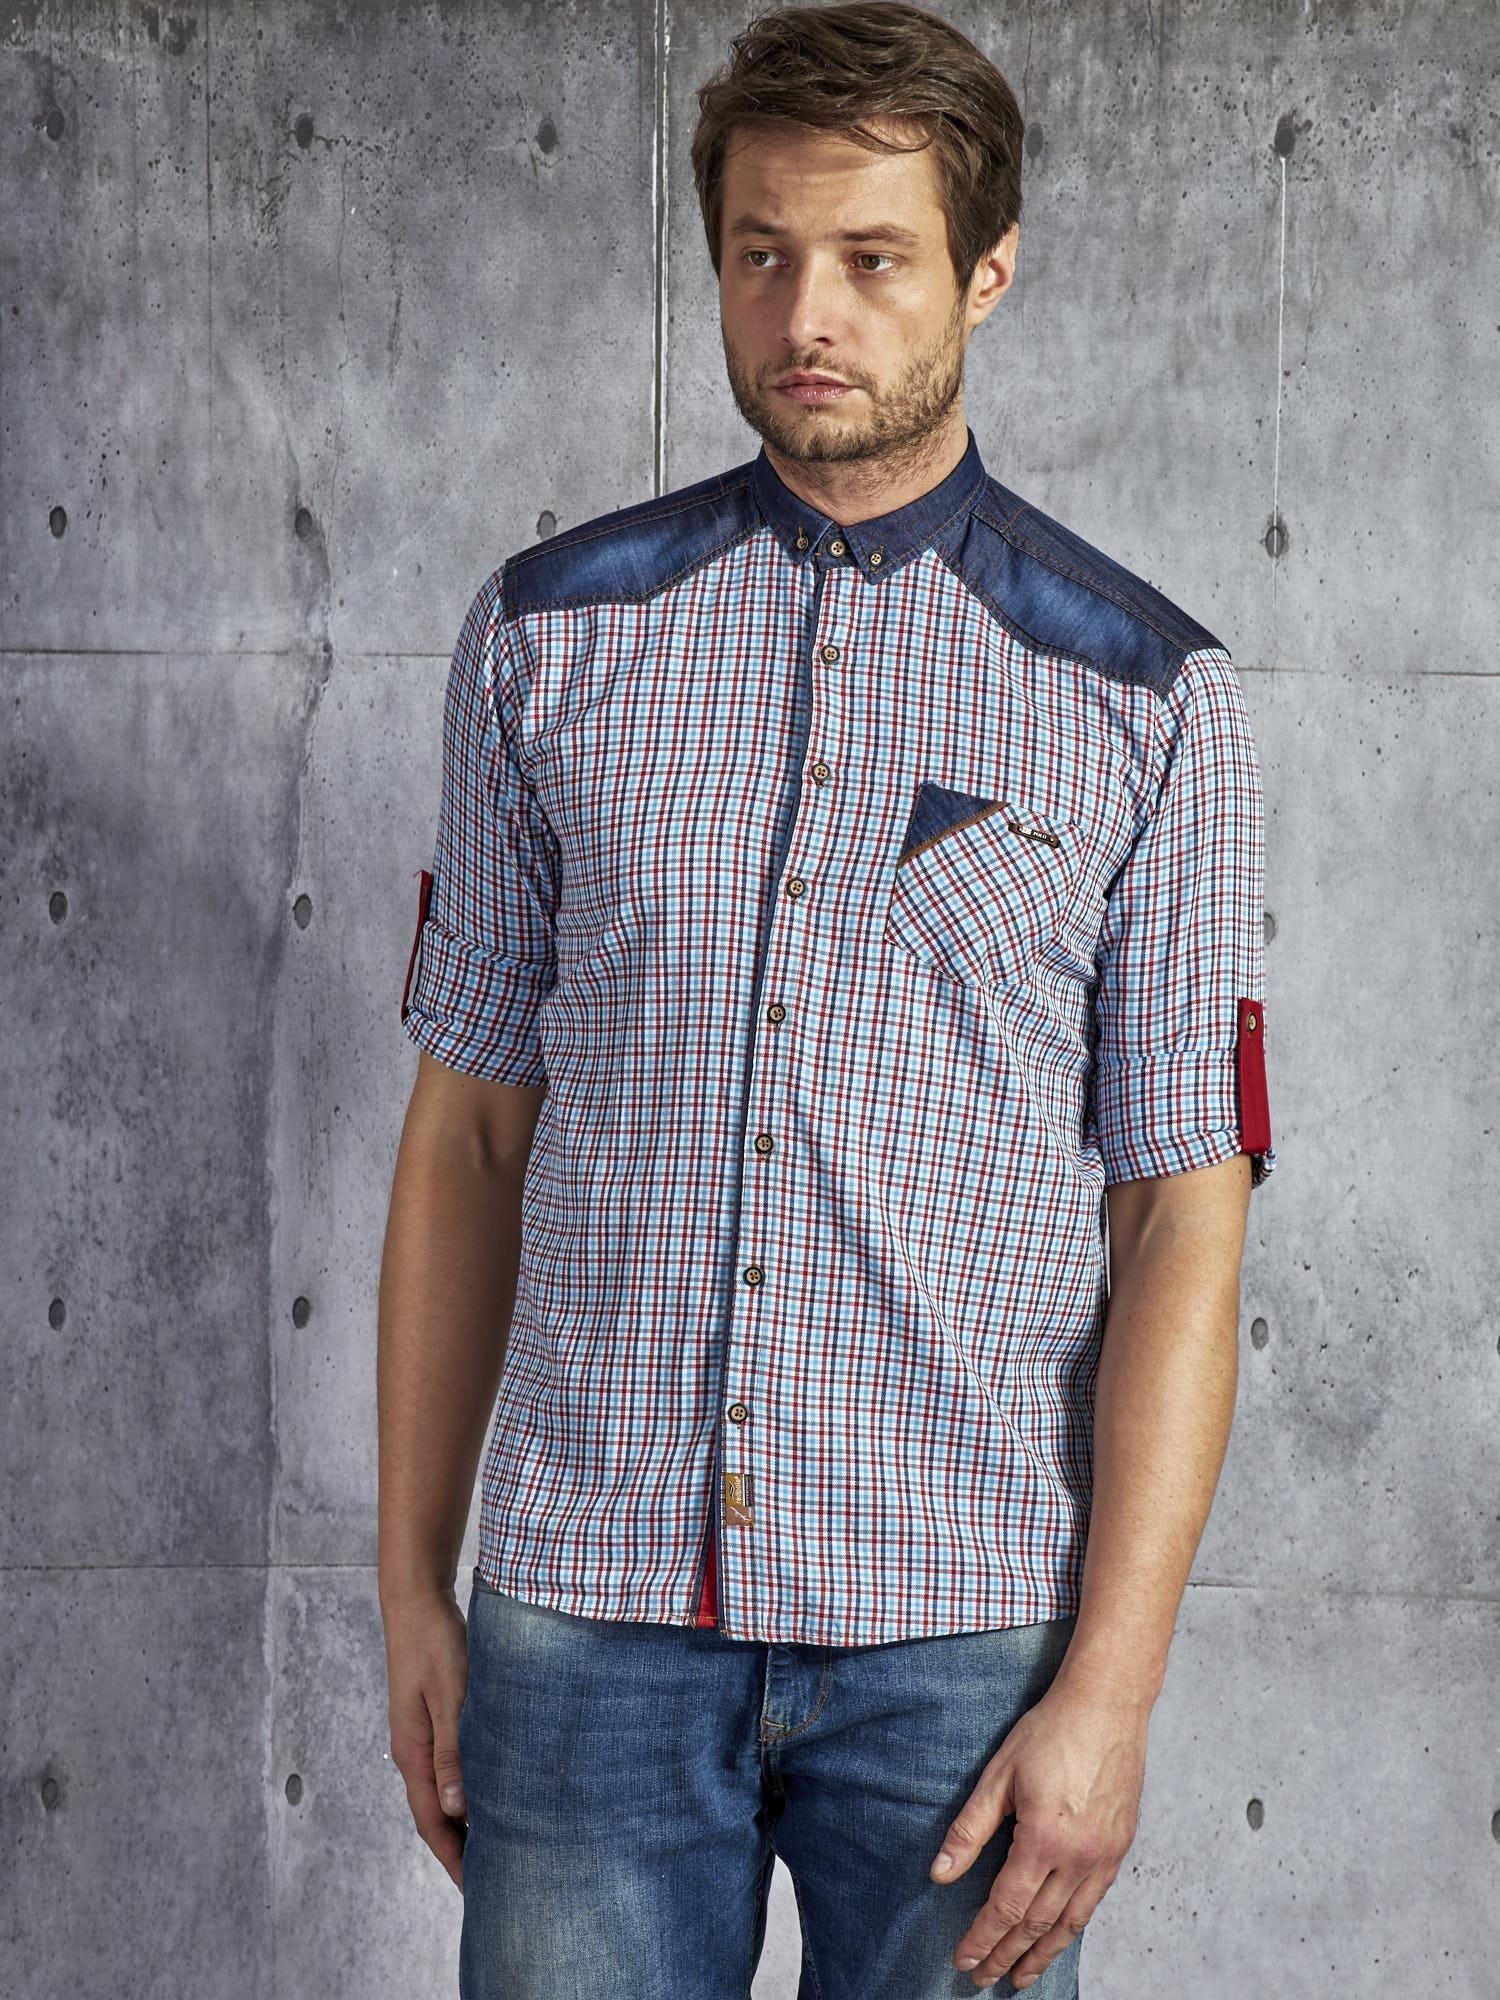 d7d02f79845e1b 4; Bawełniana koszula męska w kratkę czerwono-niebieska PLUS SIZE ...